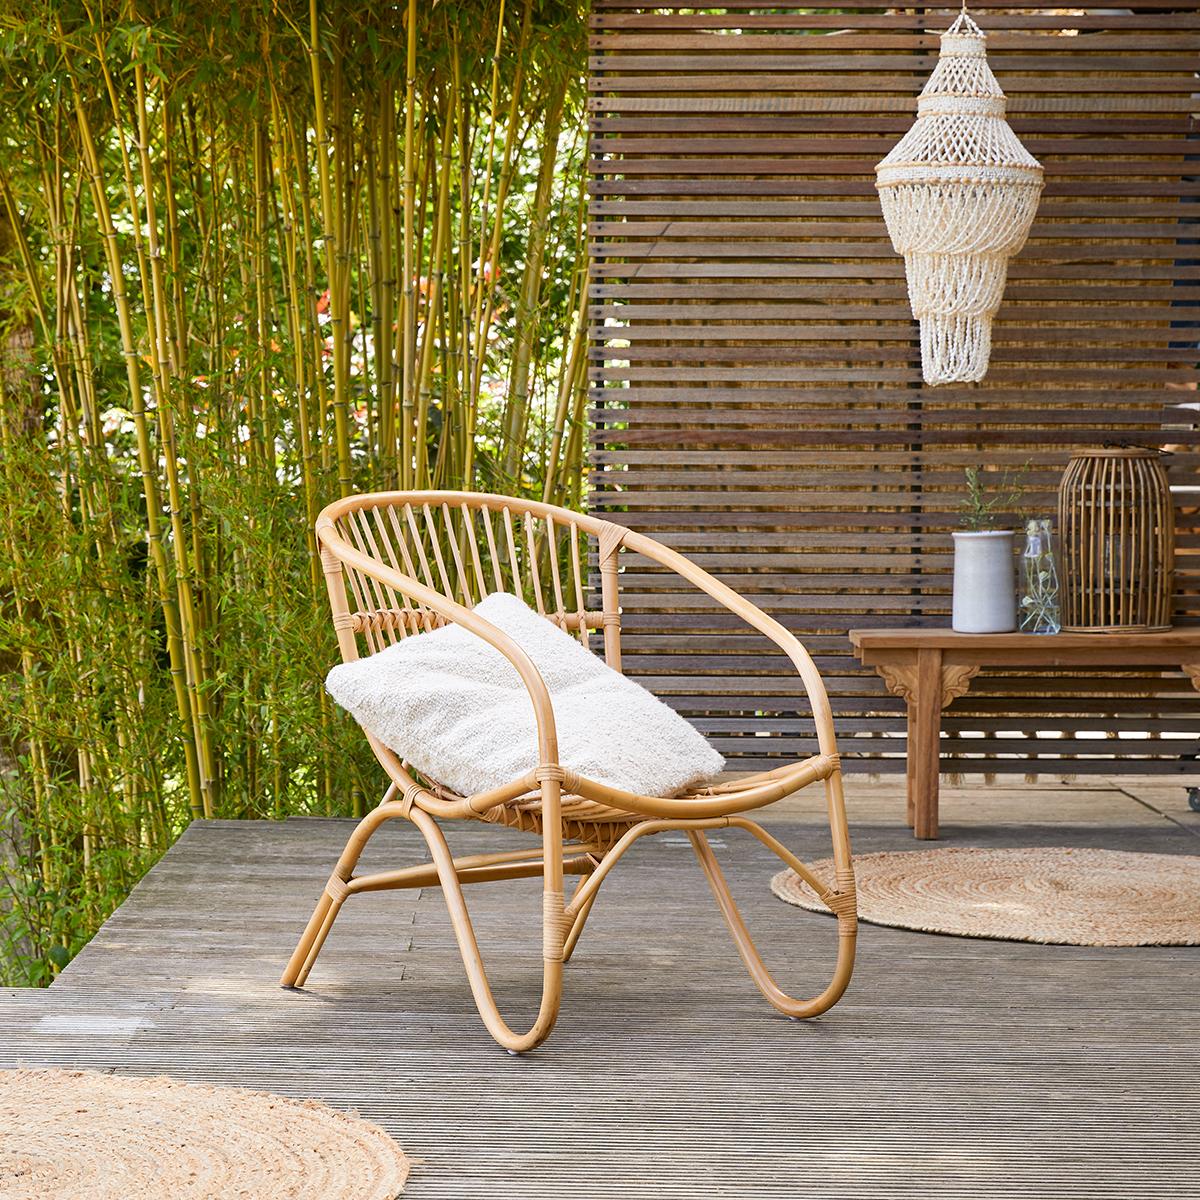 Mutine rattan garden Armchair